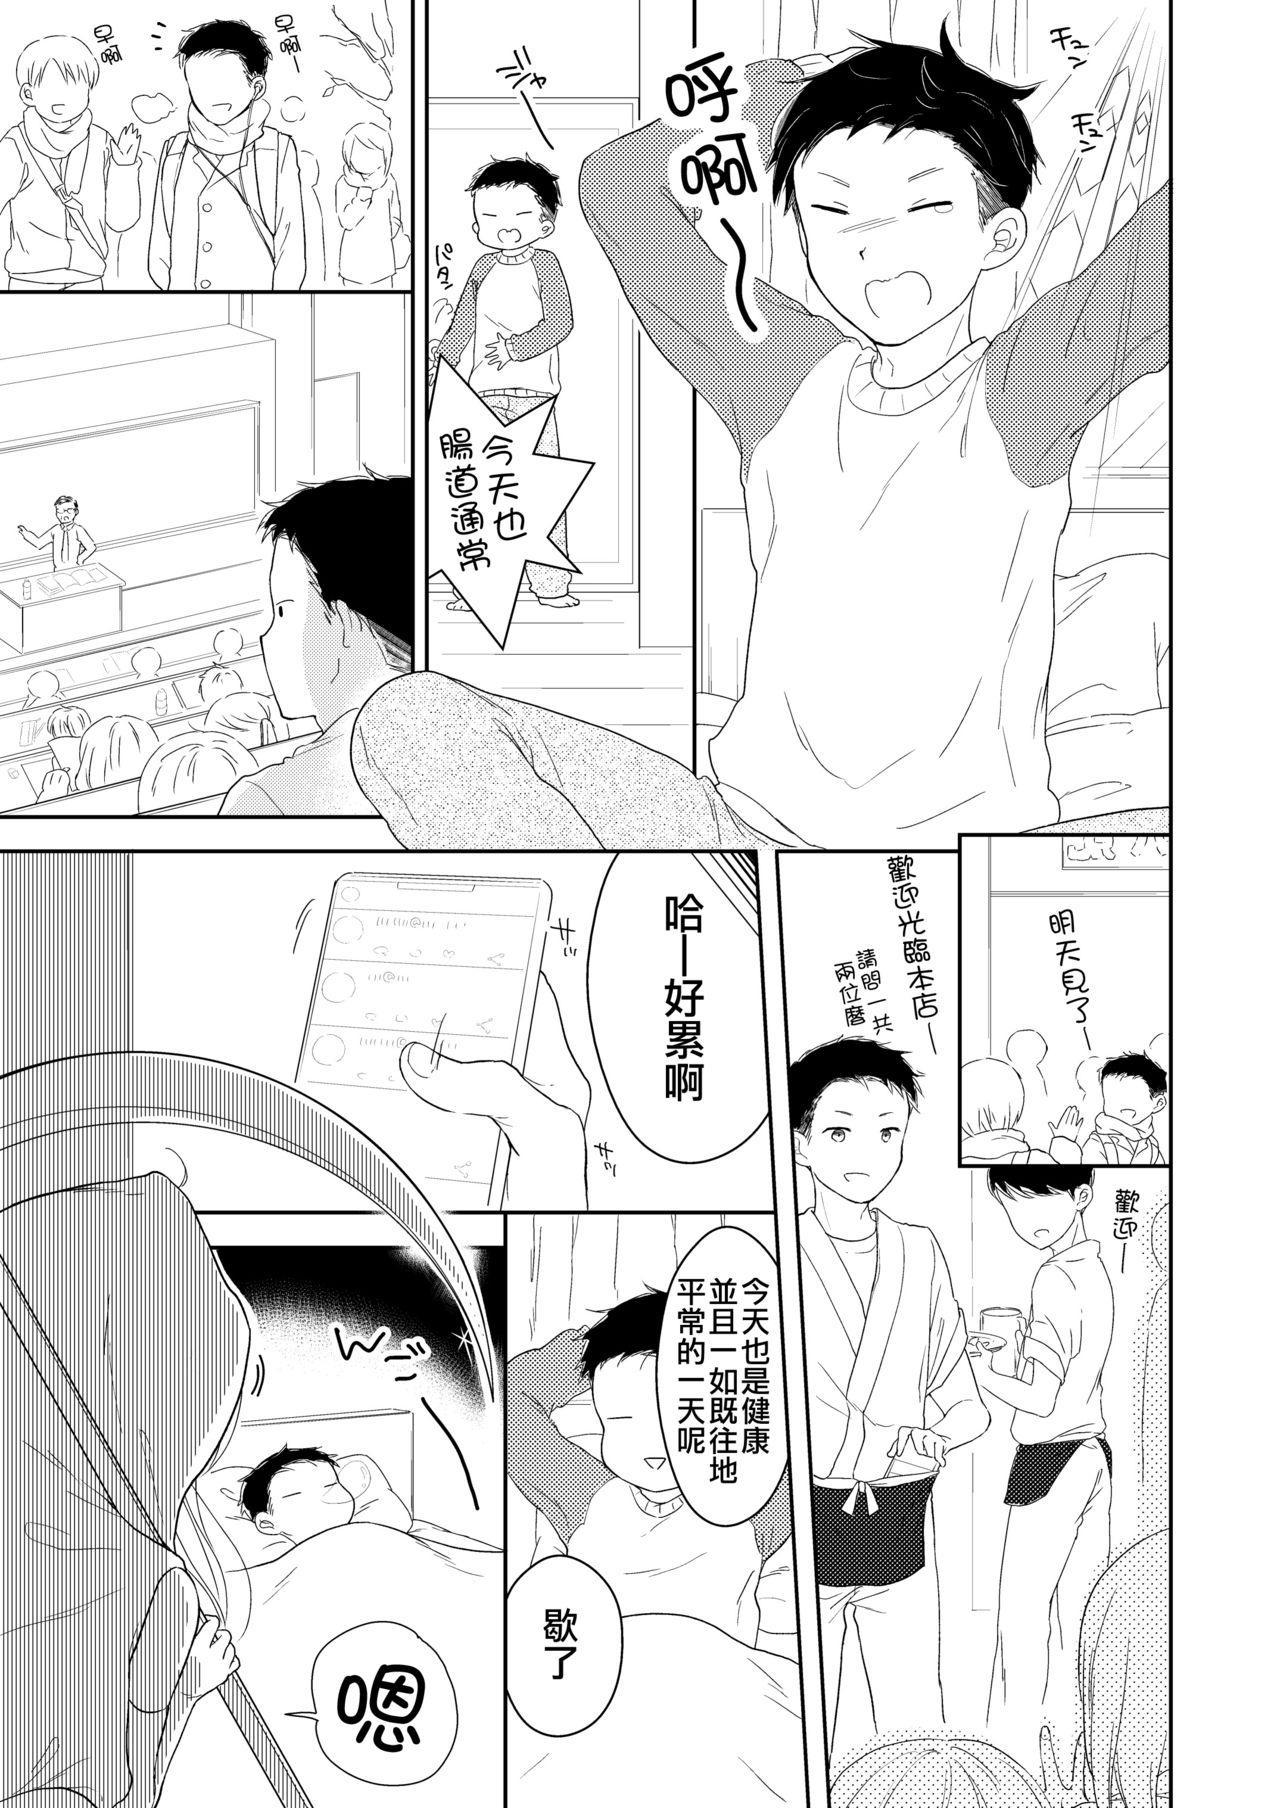 Shinigami wa Otokonoko!? 2